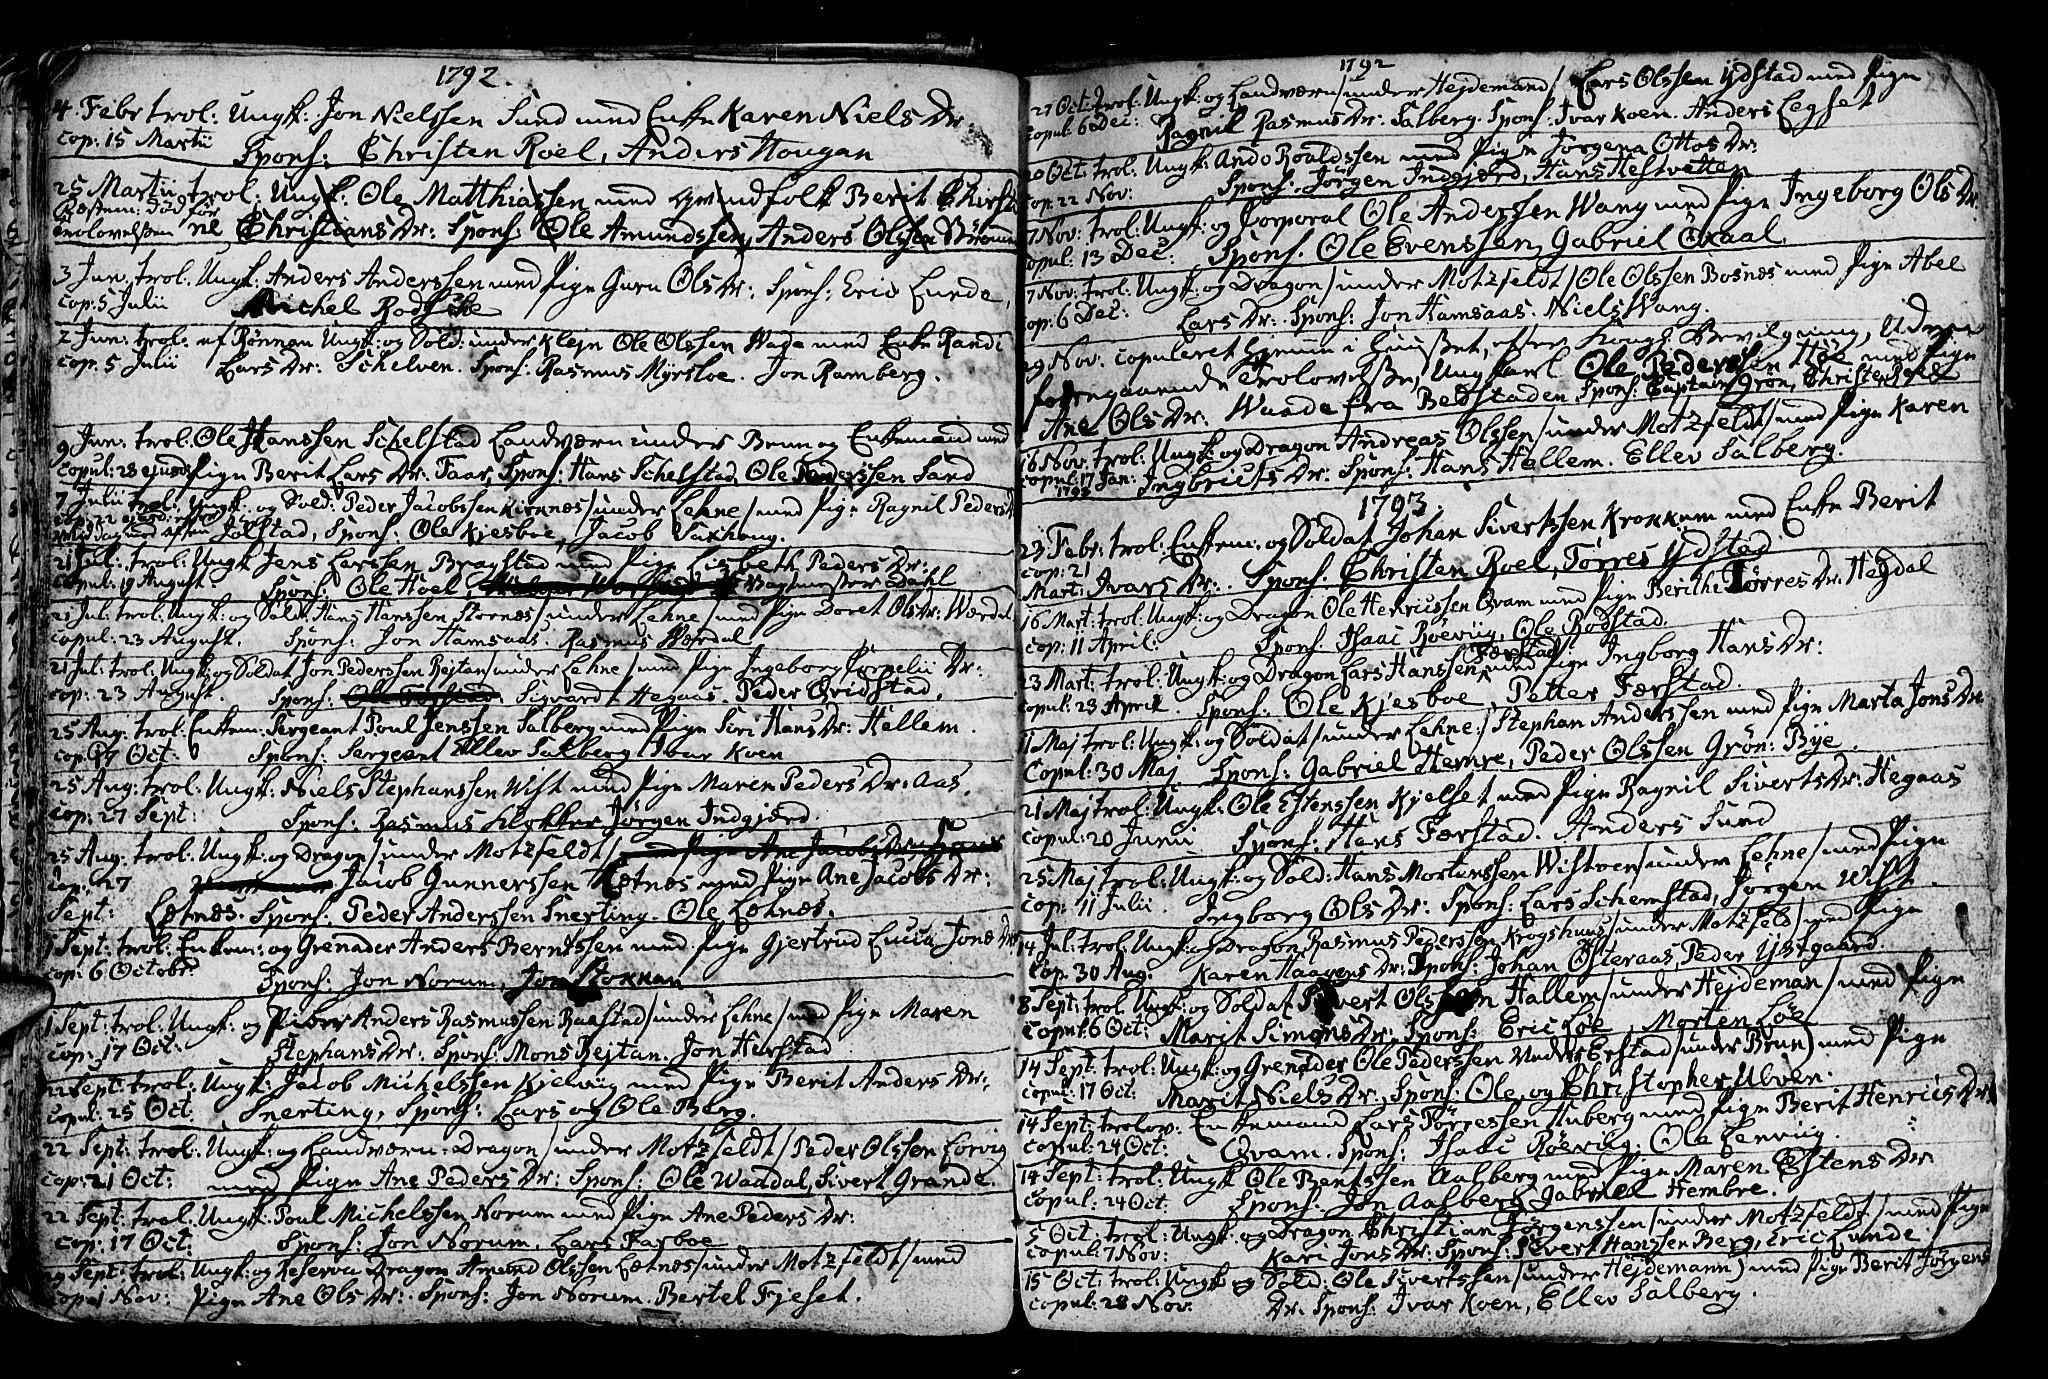 SAT, Ministerialprotokoller, klokkerbøker og fødselsregistre - Nord-Trøndelag, 730/L0273: Ministerialbok nr. 730A02, 1762-1802, s. 24